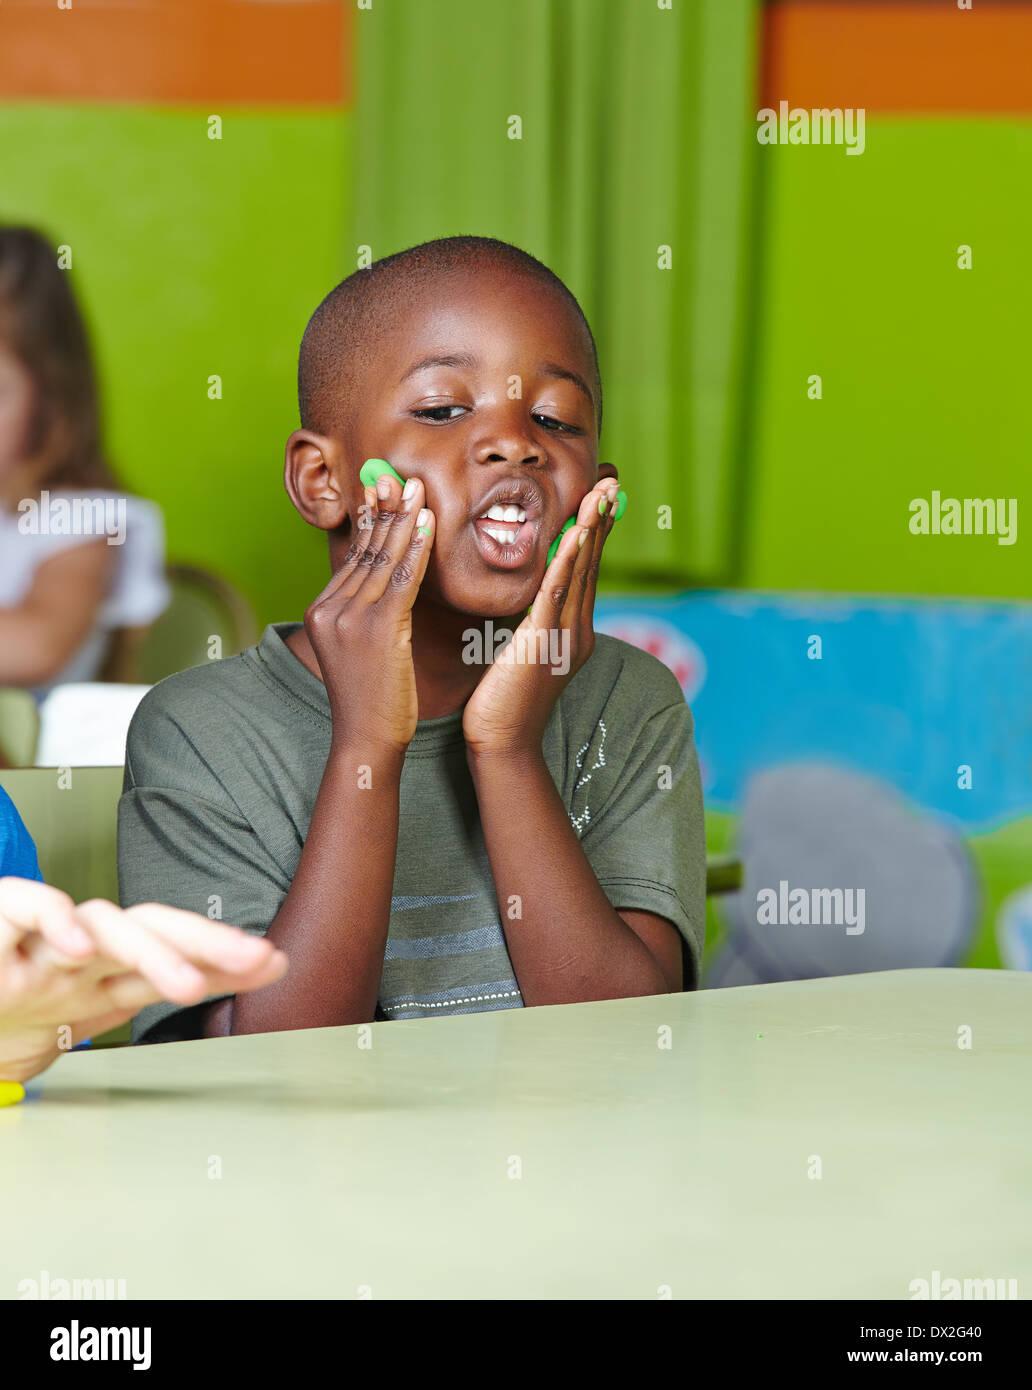 Silly enfant africain faisant absurde avec la pâte dans un jardin Photo Stock